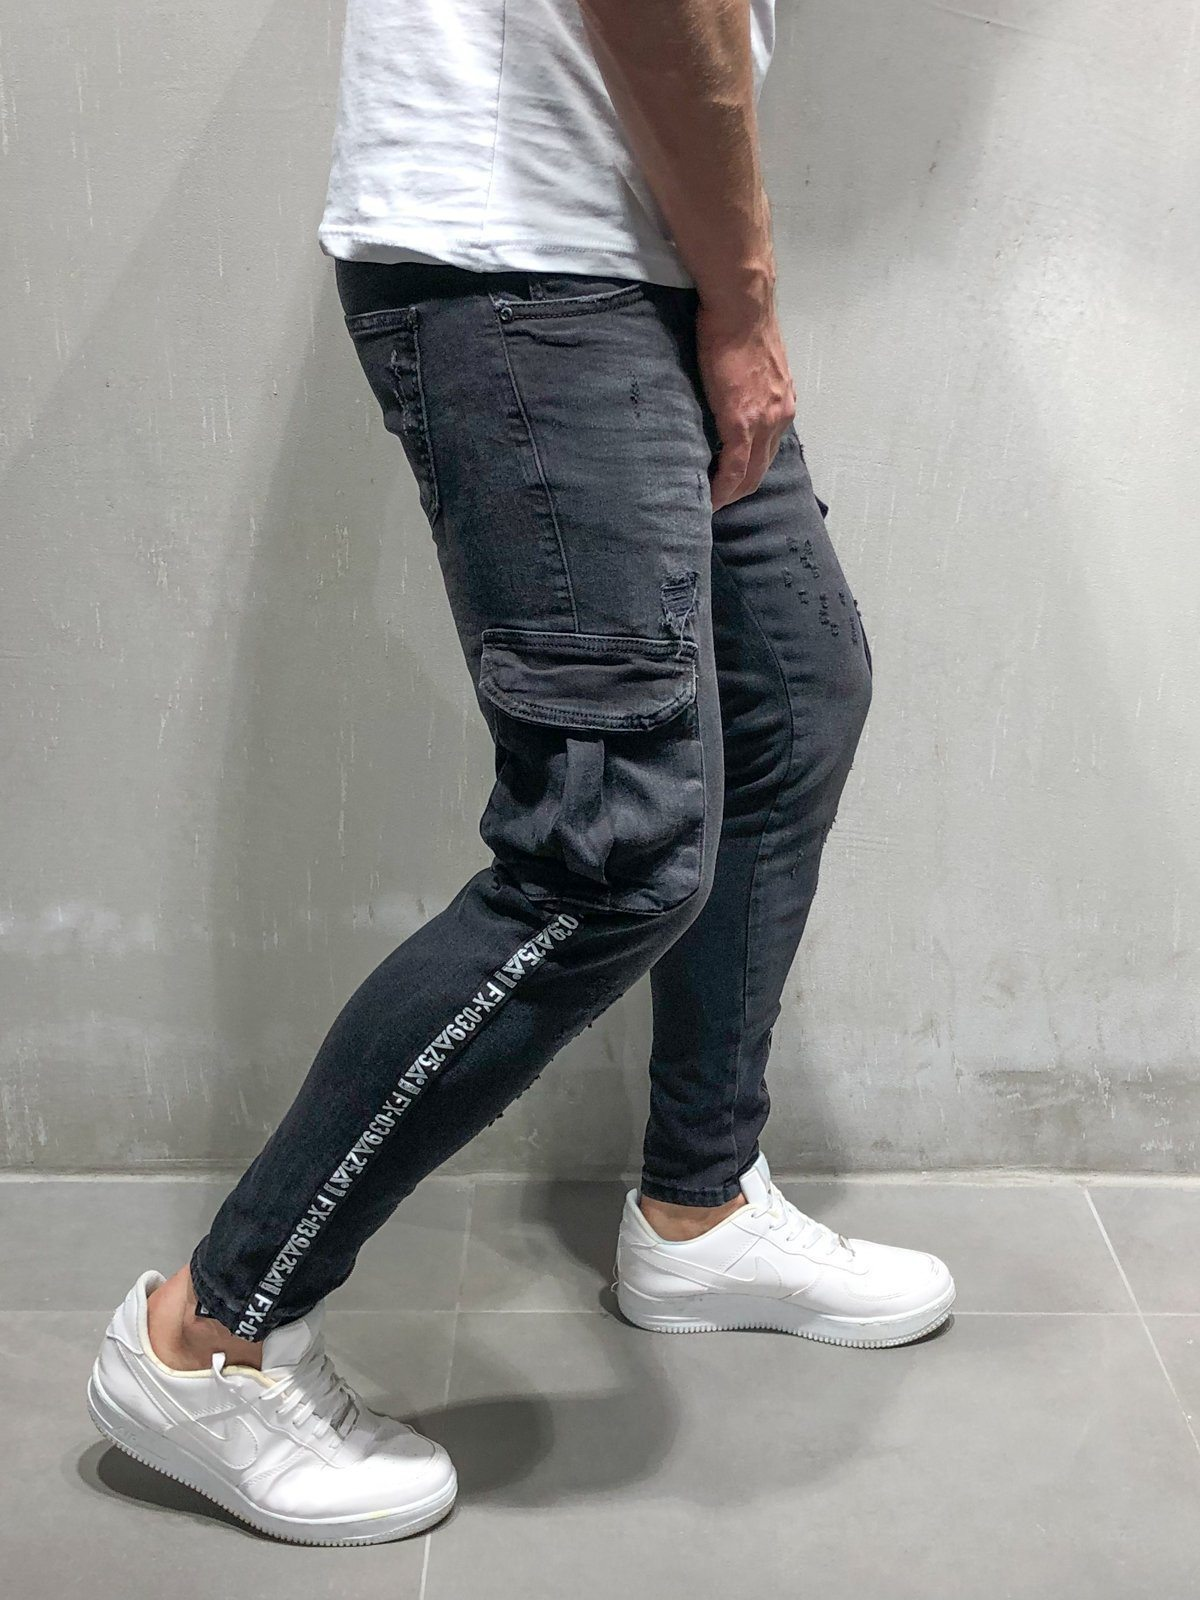 Men black Stretchy   Jeans   Pockets Side striped Design Fashion Ankle Zipper Skinny   Jeans   For Men